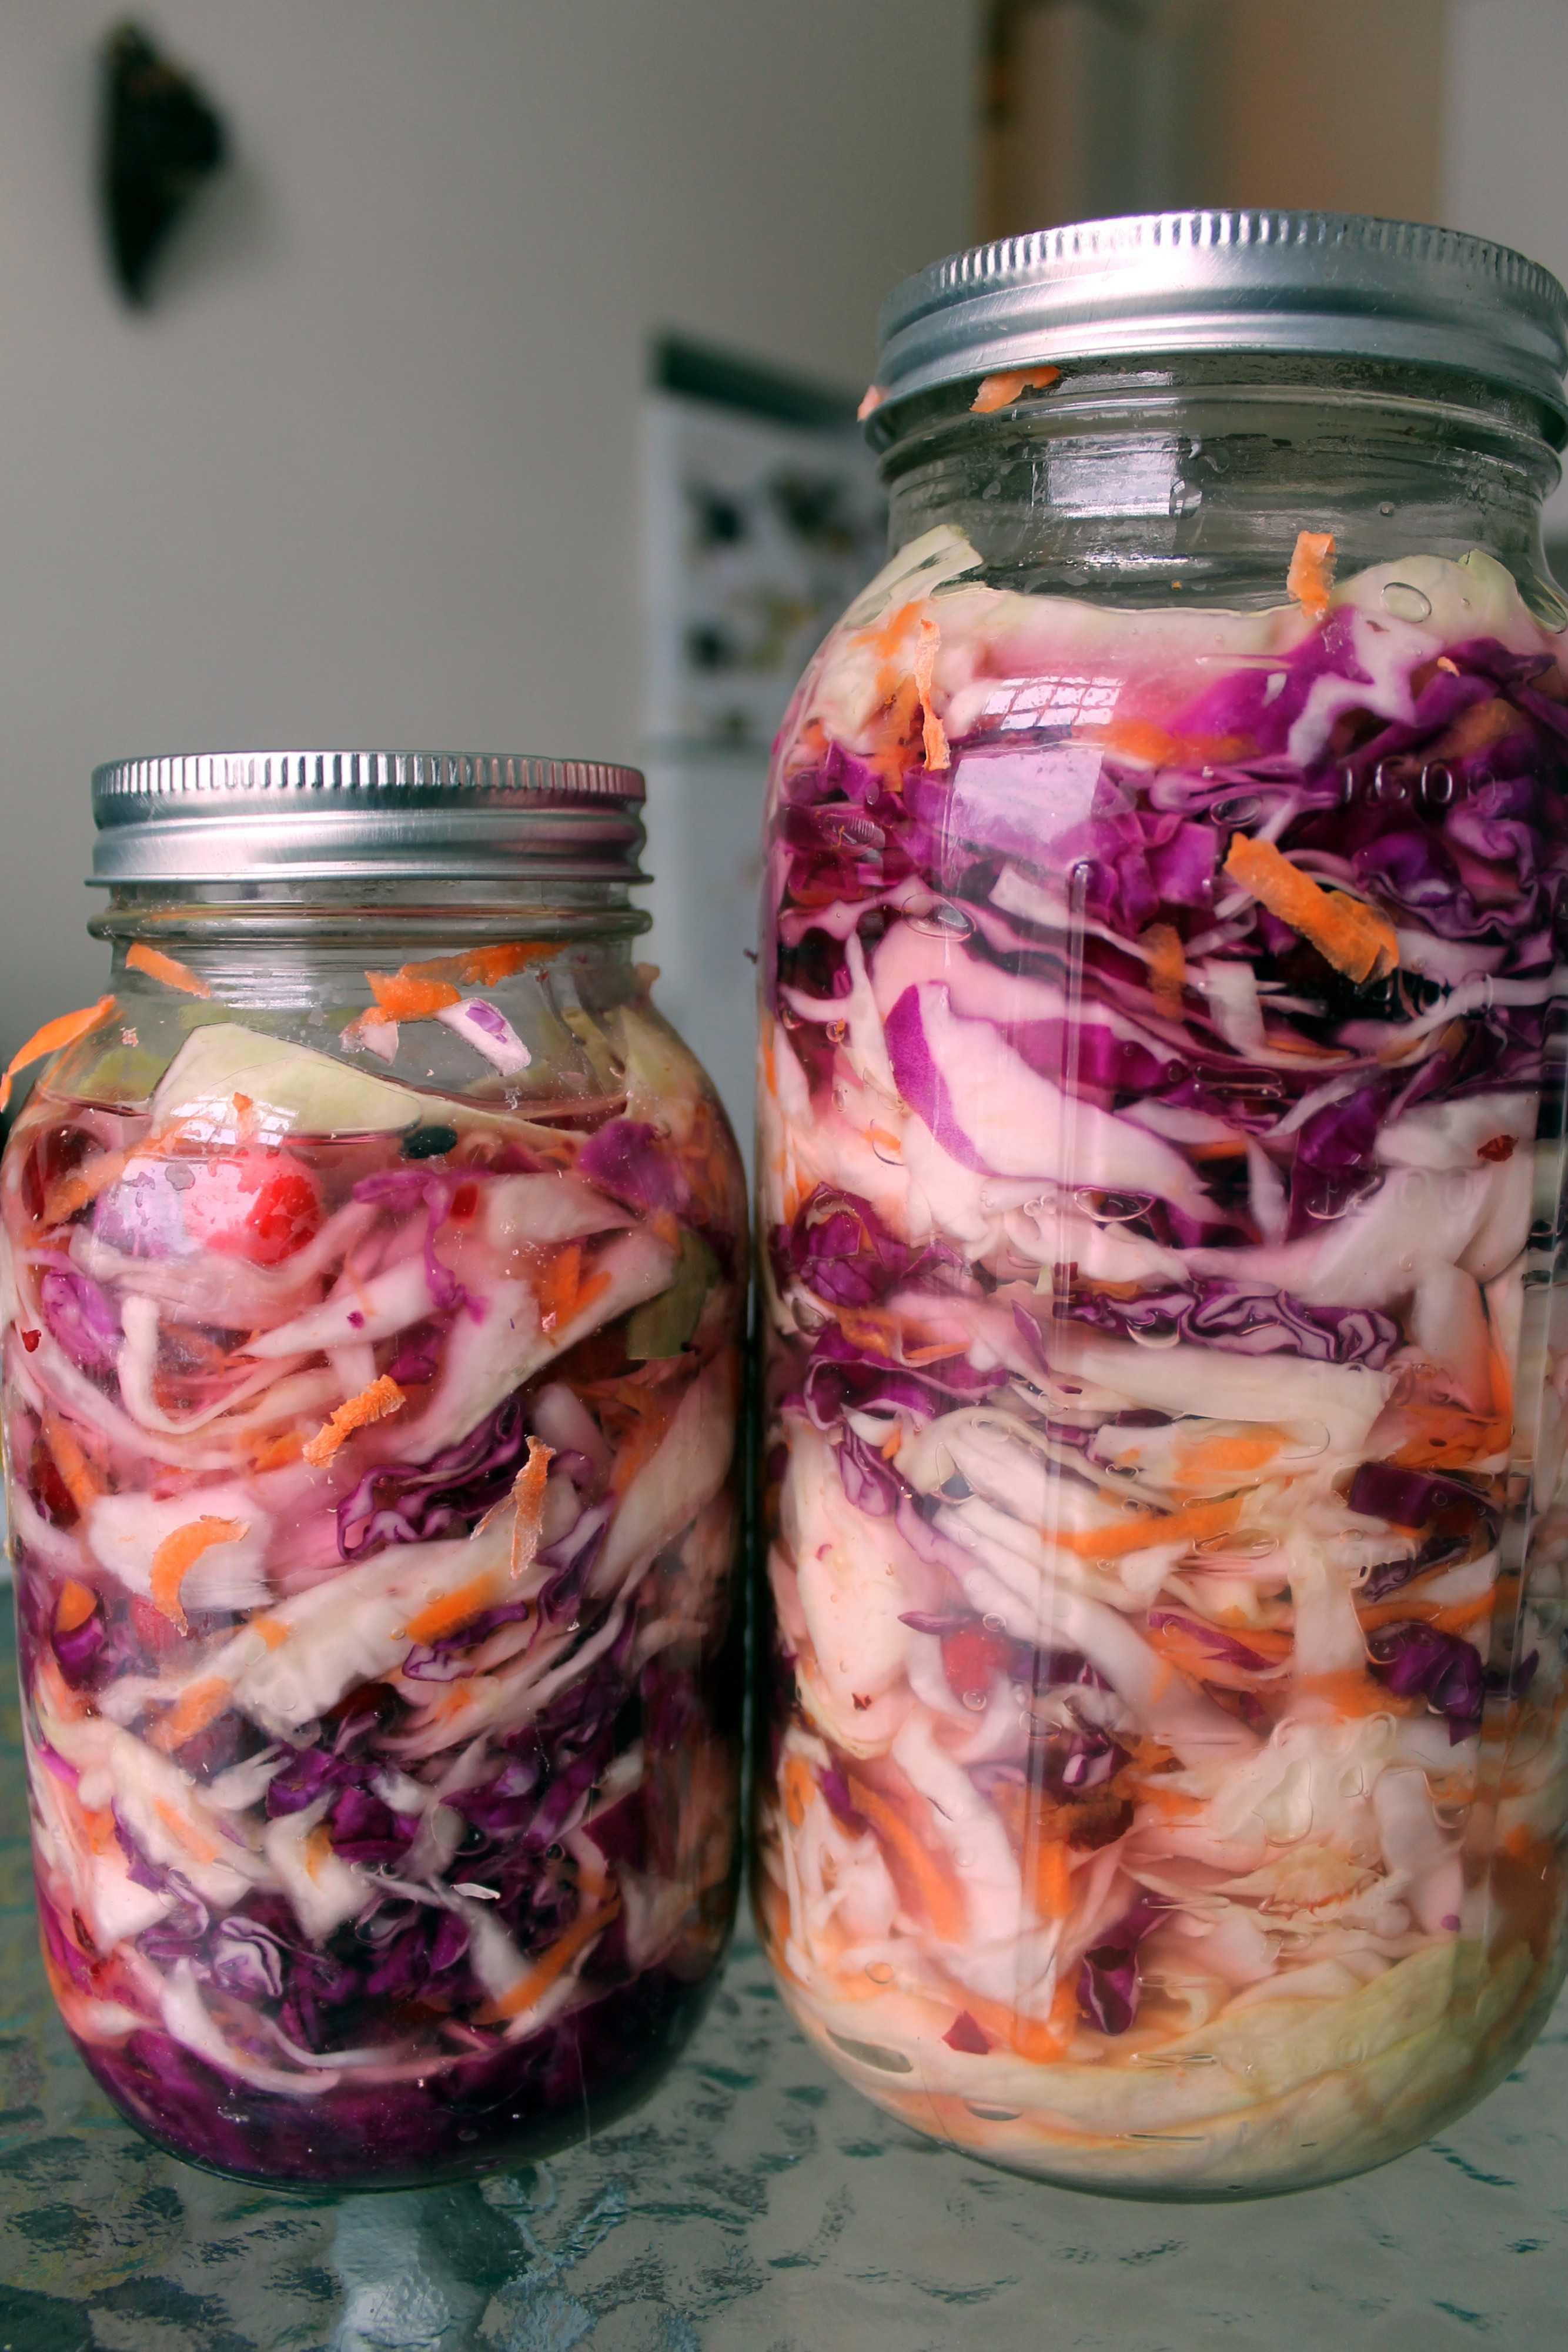 рецепты заготовок капусты на зиму с фото странице можно